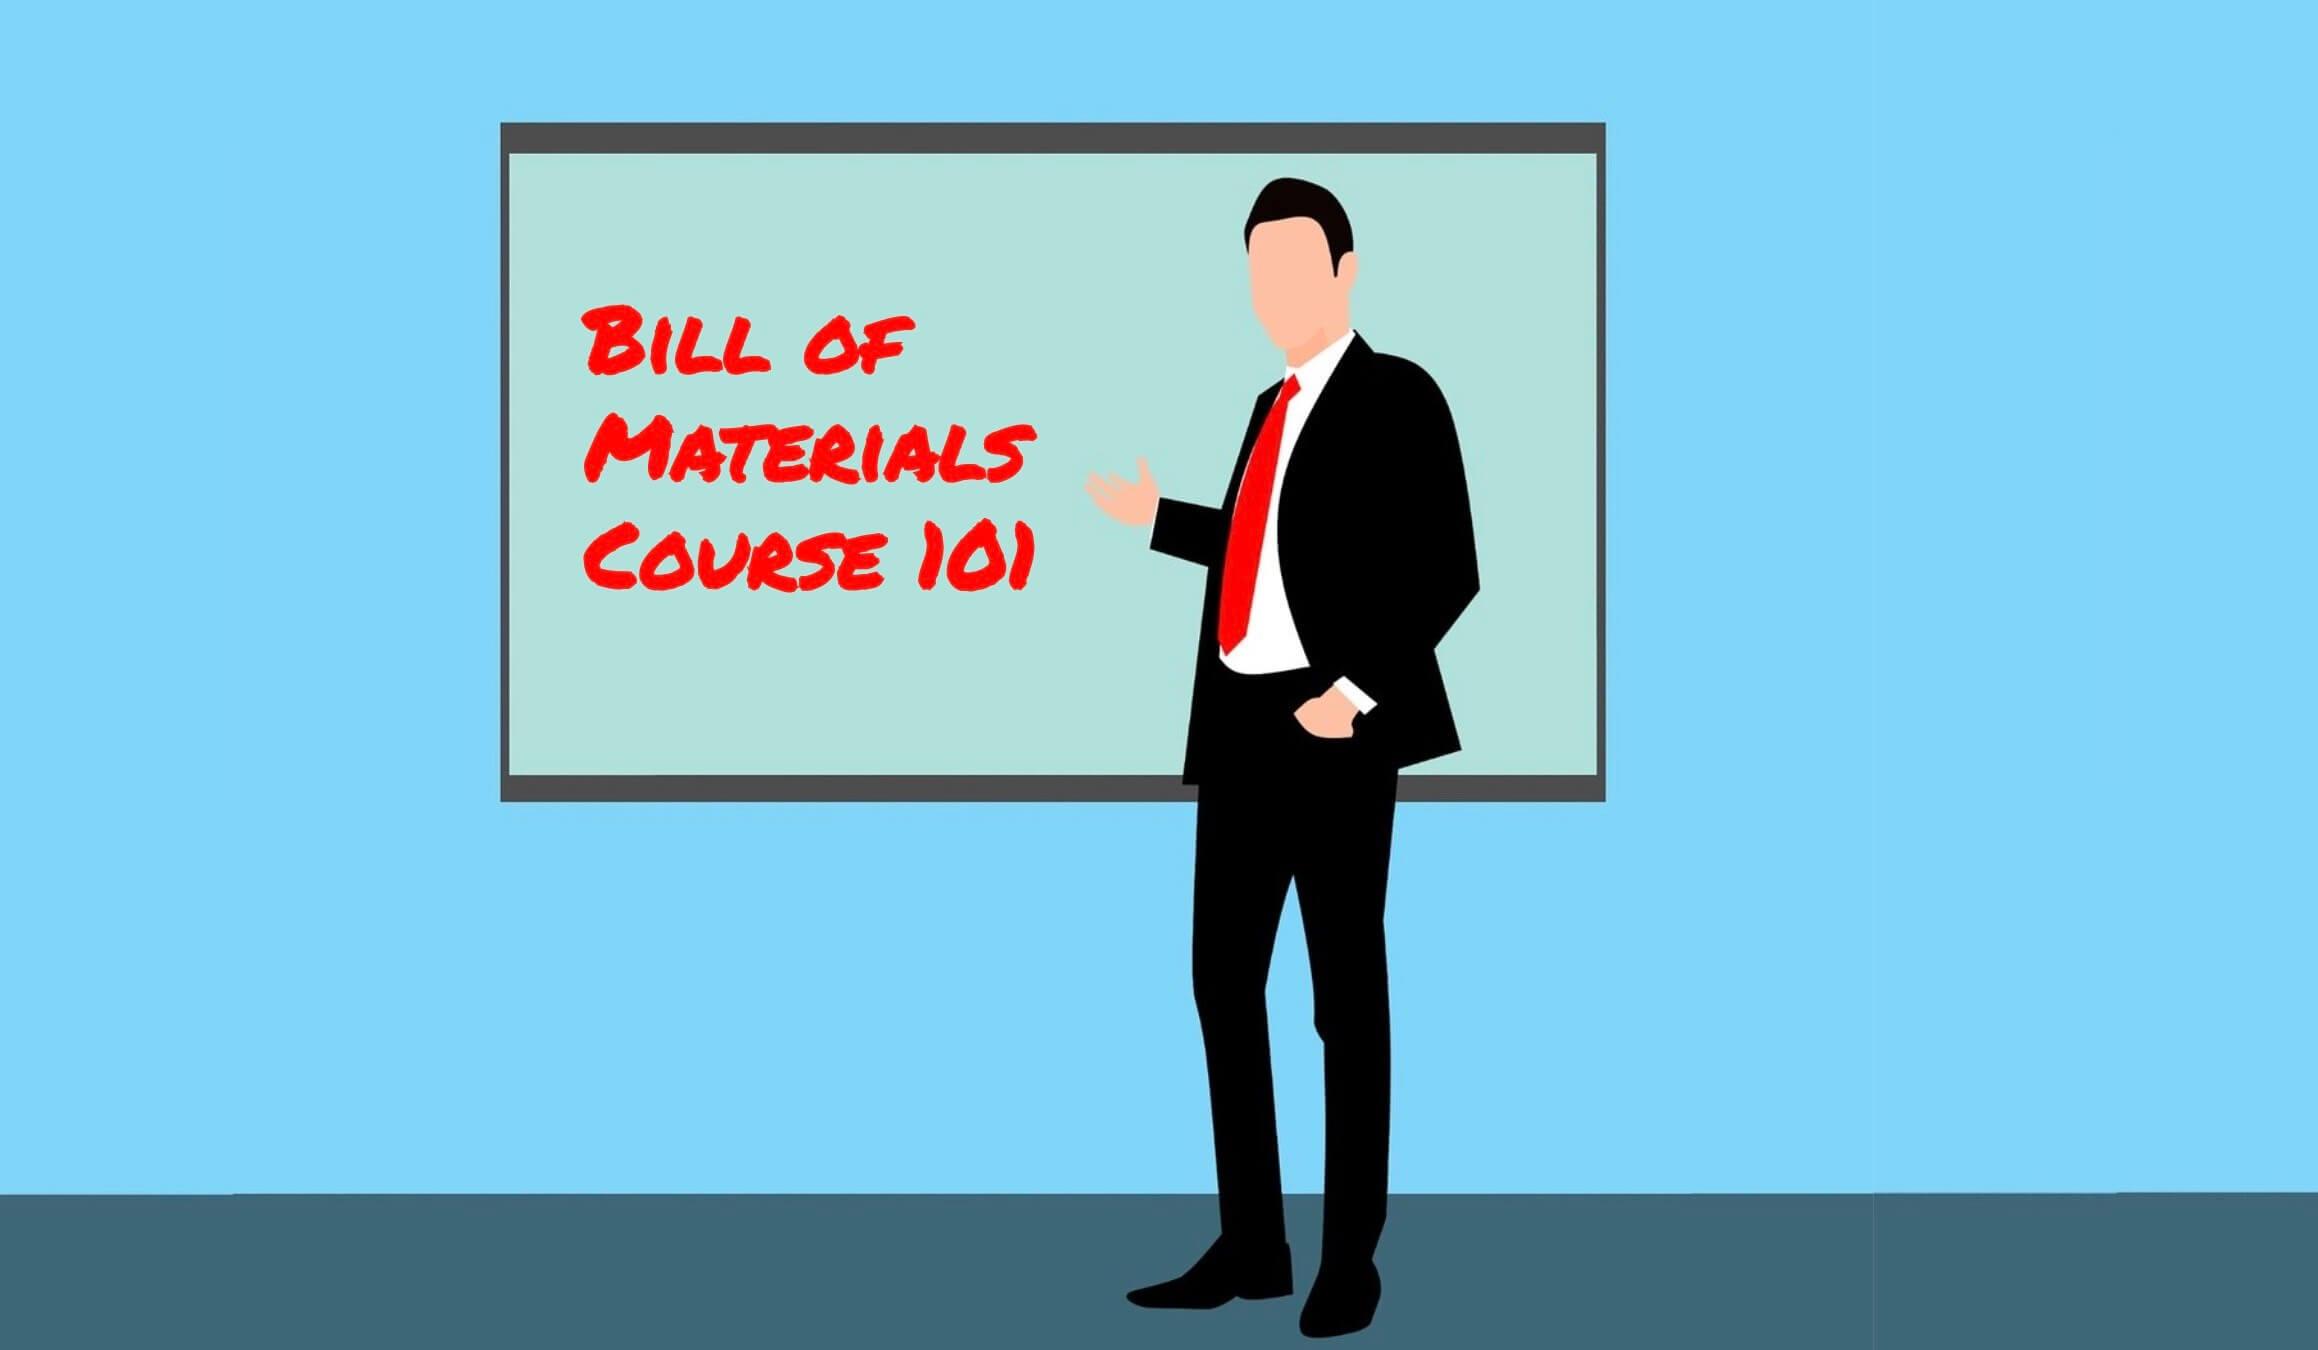 Khái niệm BOM là gì? – Ý nghĩa của khái niệm BOM trong kinh doanh